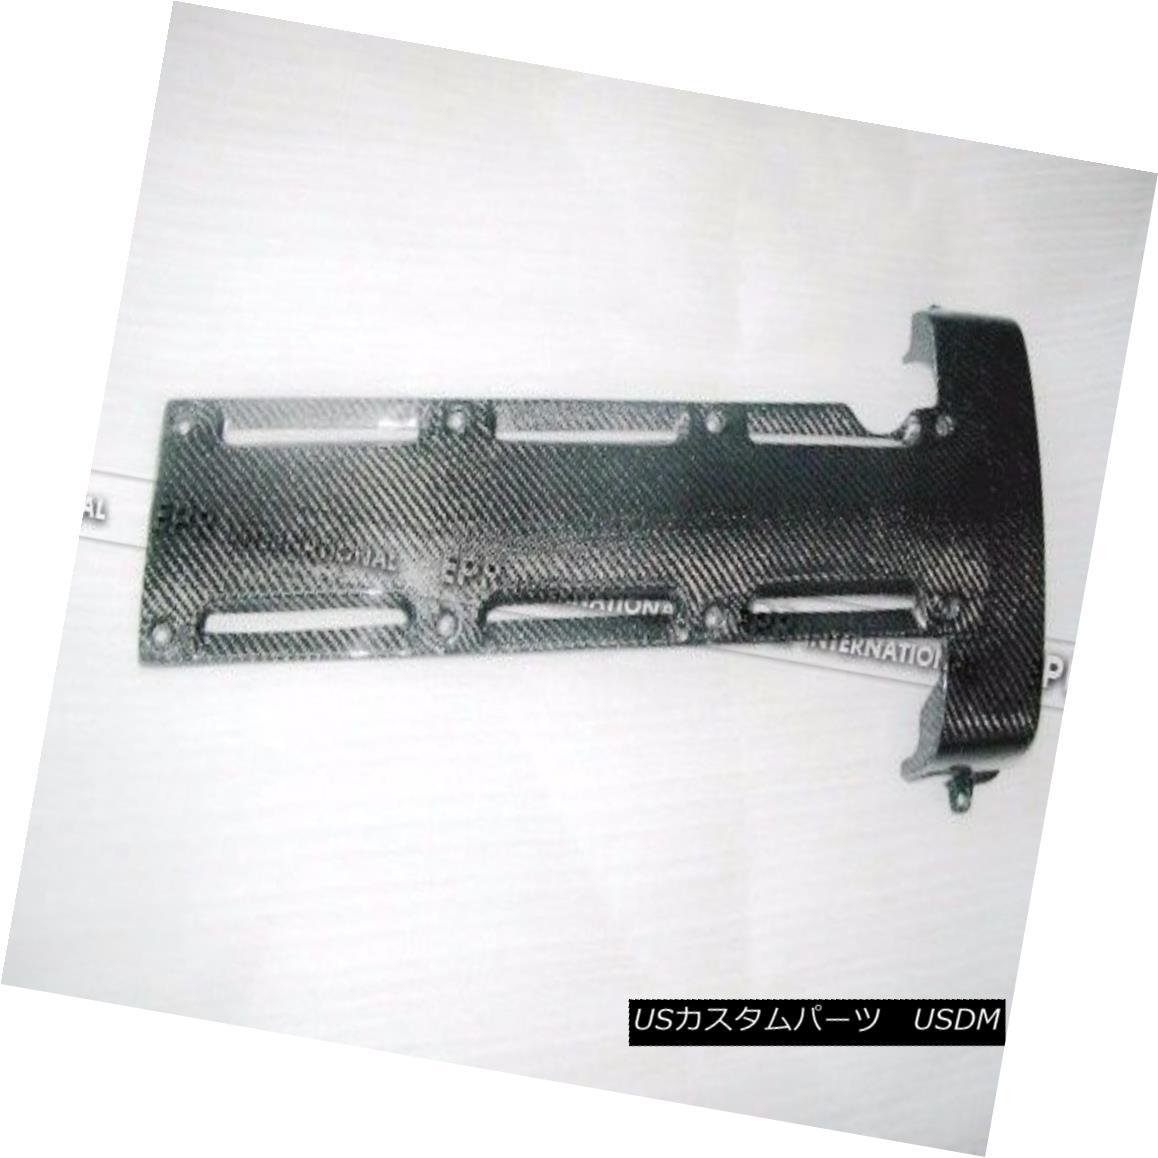 エアロパーツ Carbon Fiber Engine Coil Pack Plug Cover For Toyota MK4 Supra 2JZ NON VVTI Parts トヨタMK4スーパー2JZ非VVTI部品の炭素繊維エンジンコイルパックのプラグカバー